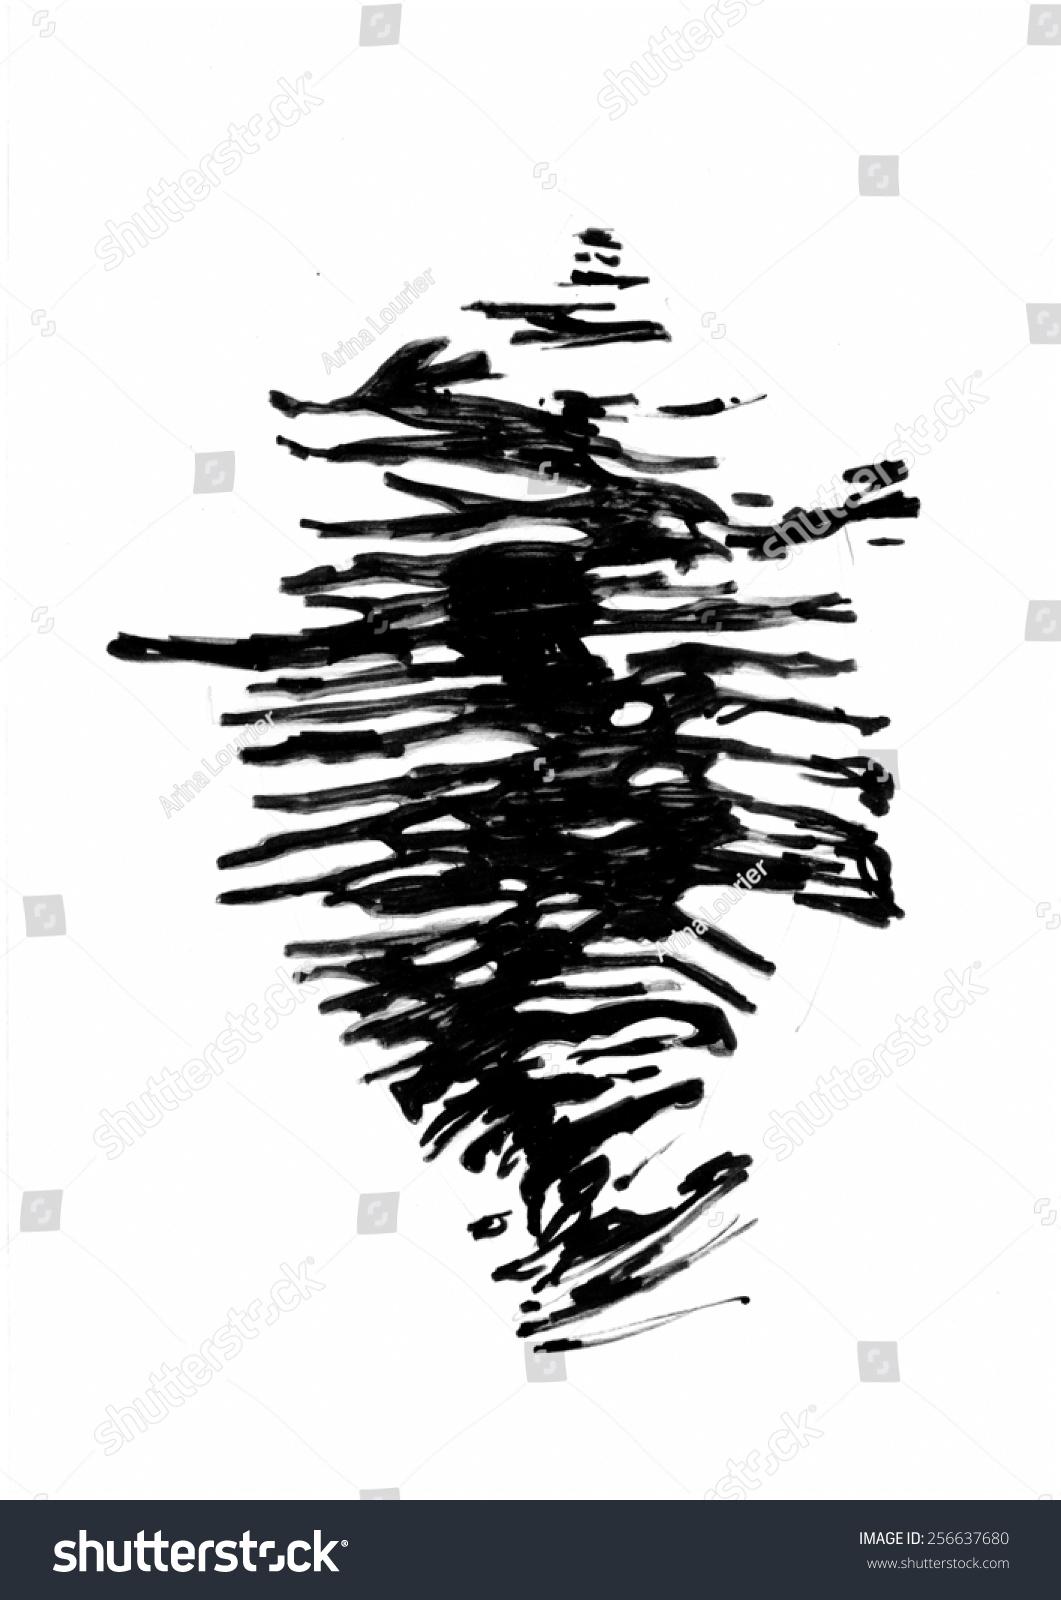 贝壳.手绘插图.-艺术,其它-海洛创意(hellorf)-中国-.